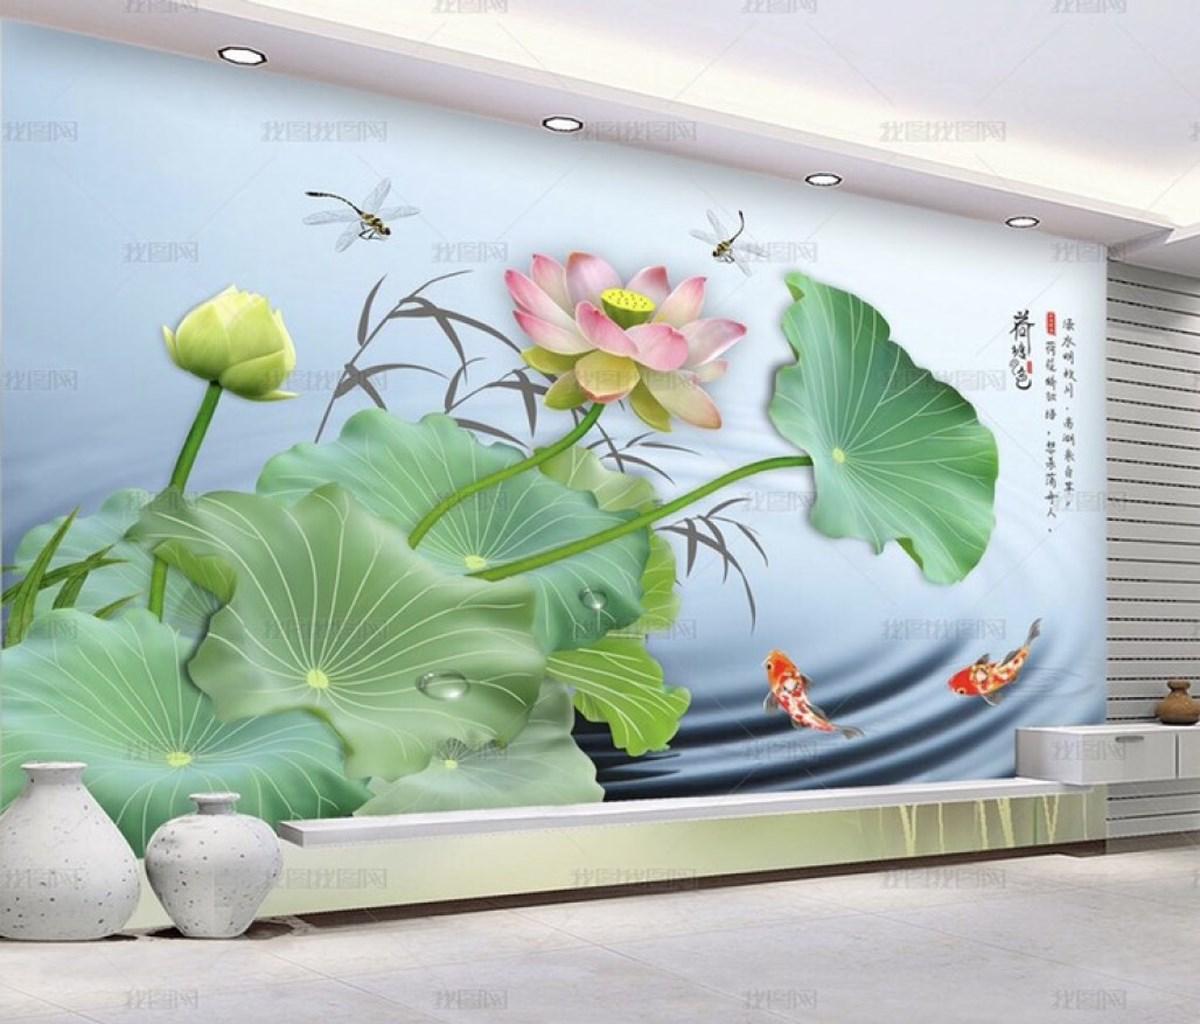 Tranh Dán Tường 3D Hoa Sen Trang trí Phòng Khách Đẹp